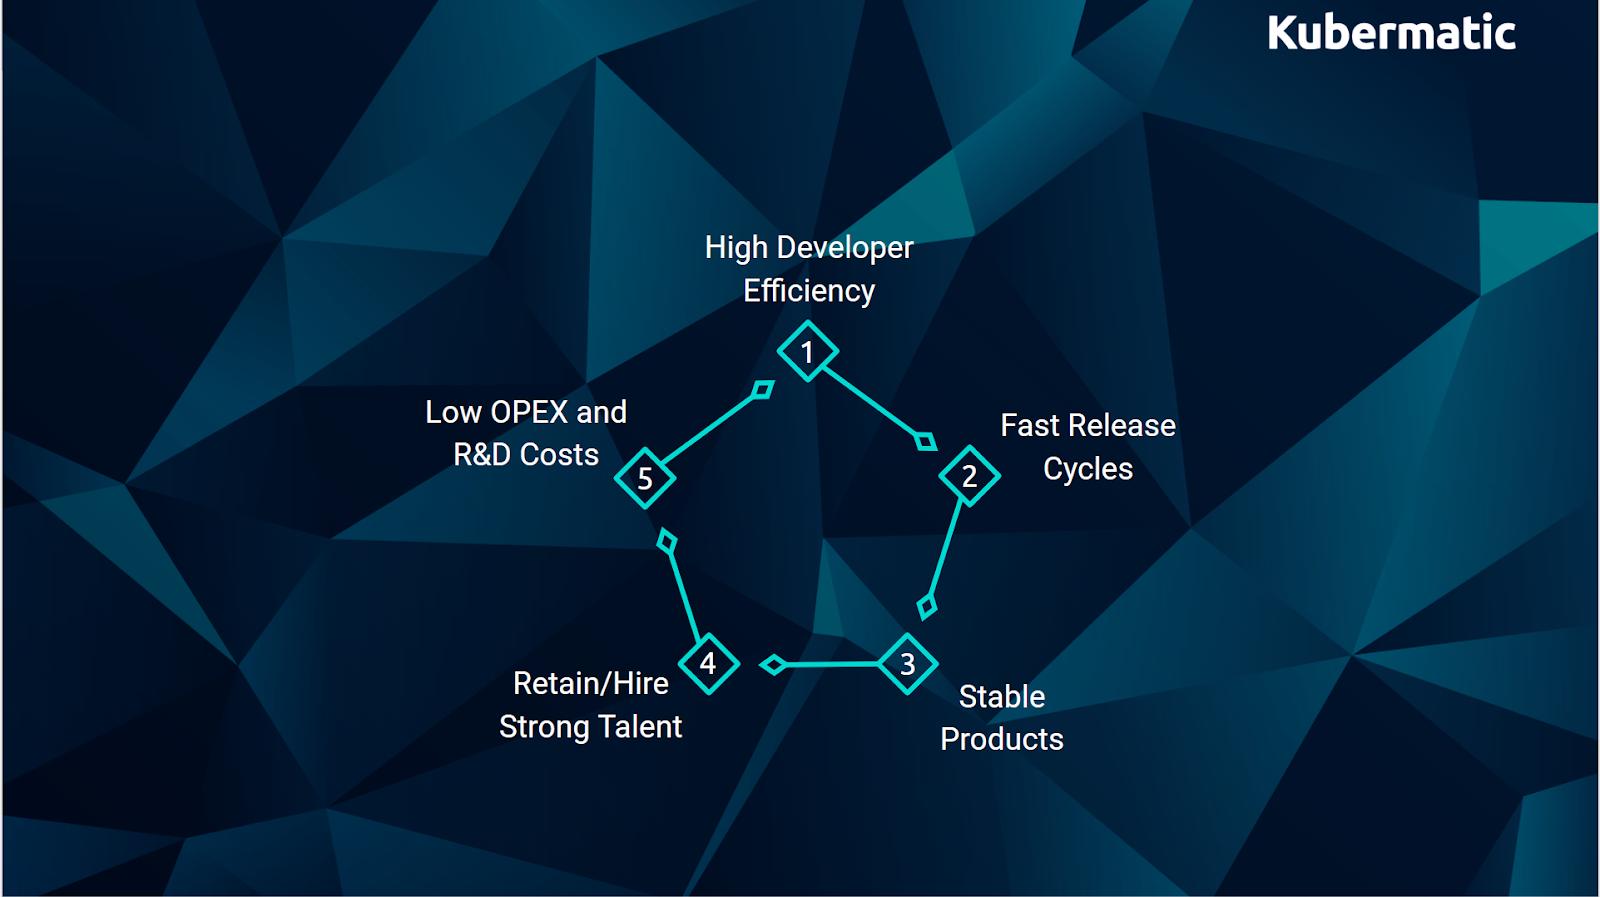 Cycle of Efficiency